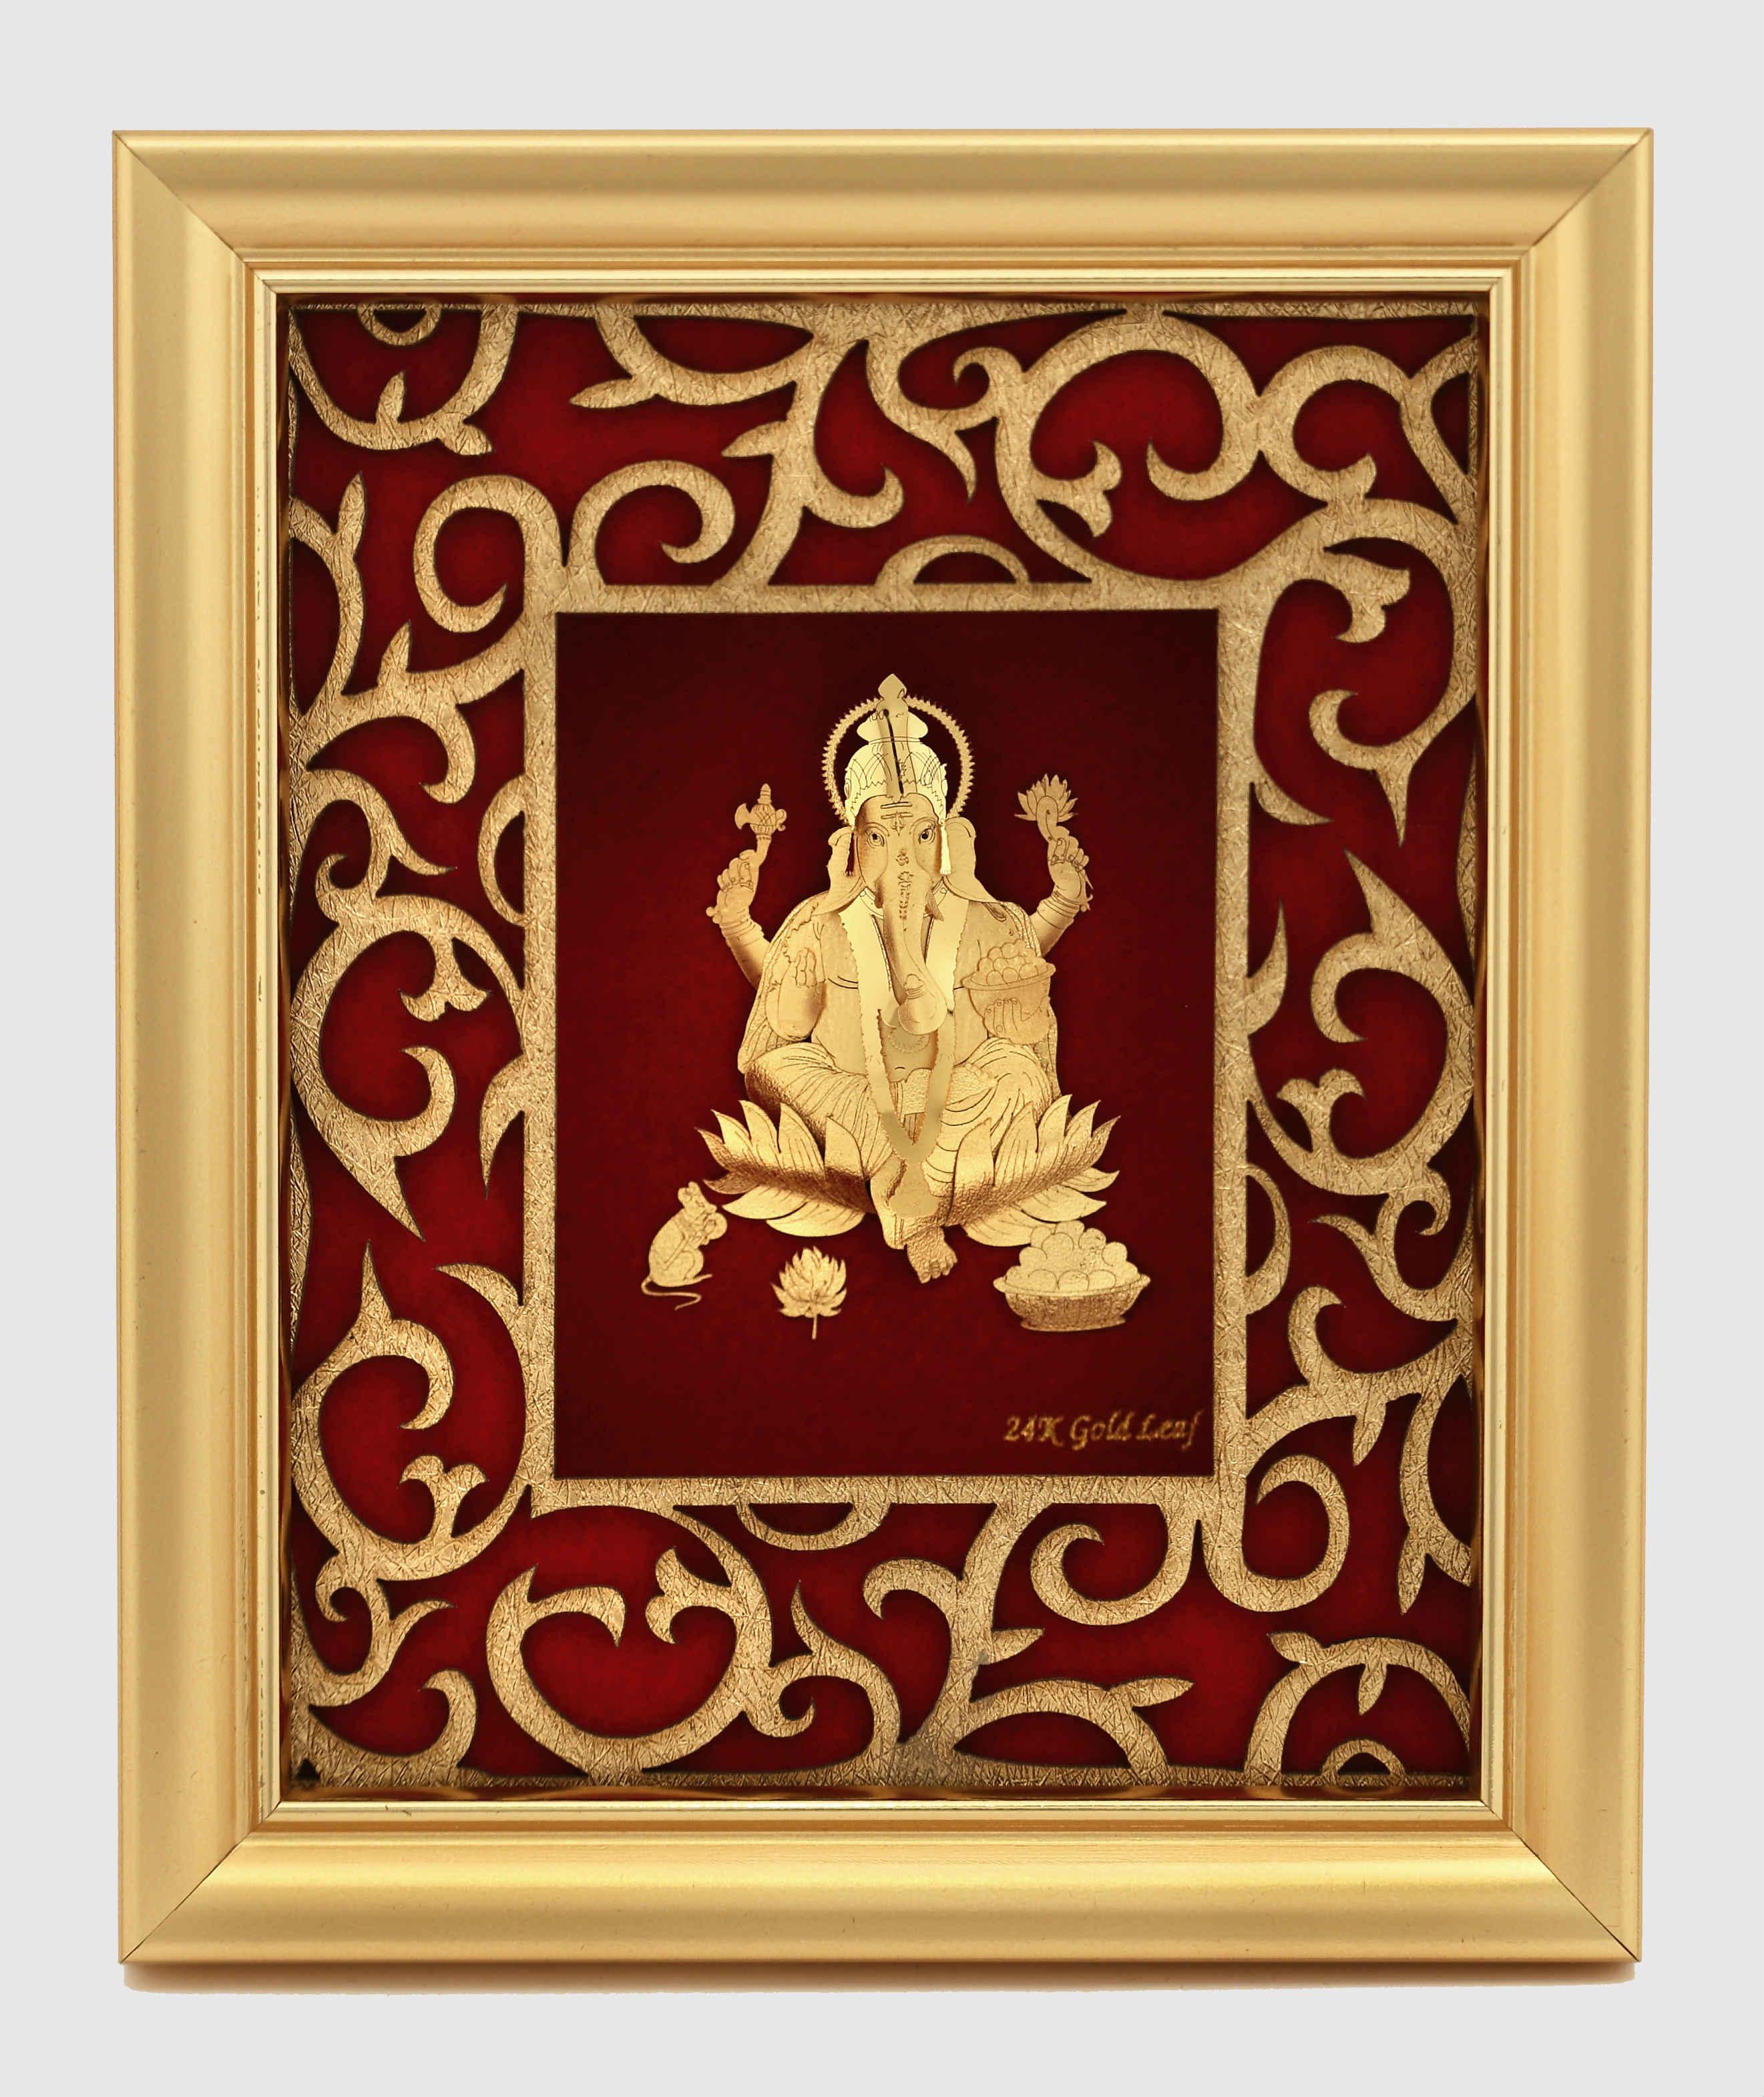 2290d202c006 24k Gold Leaf Photo Frame - Image Decor and Frame Worldwebresource.Org